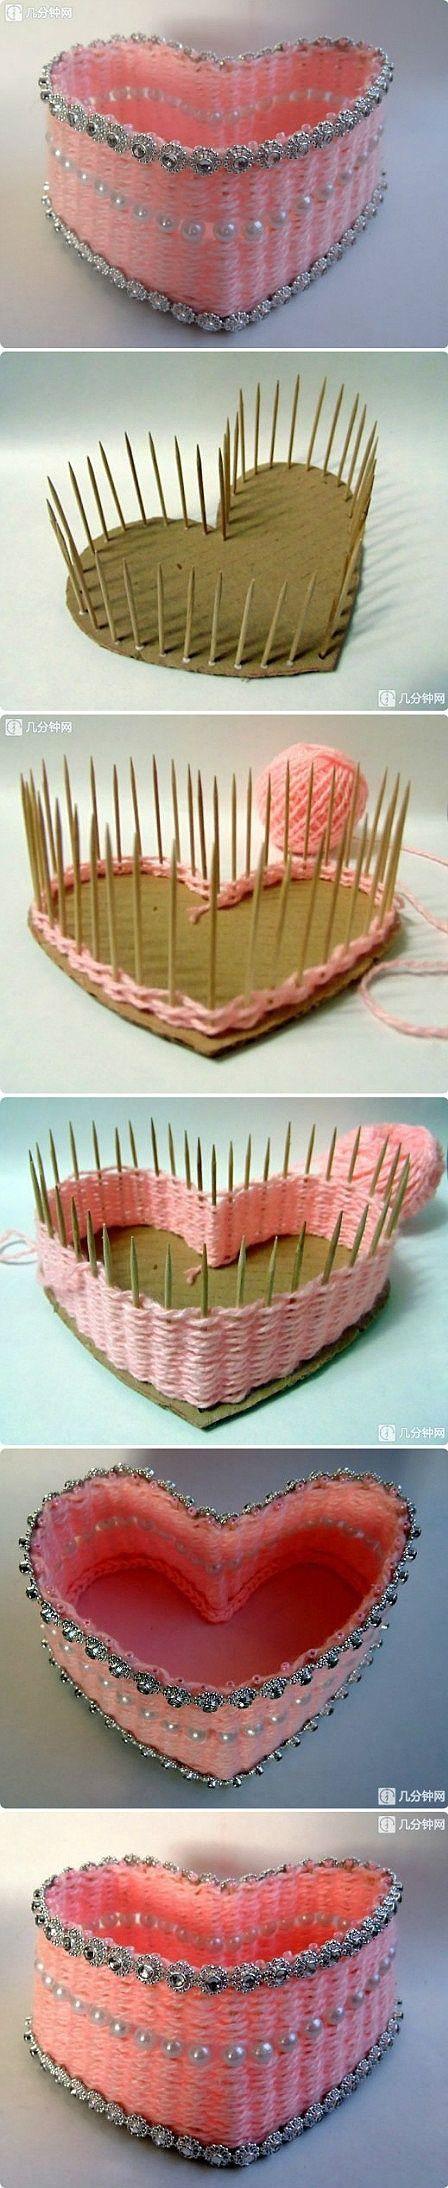 heart storage box~                                                                                                                                                      Más